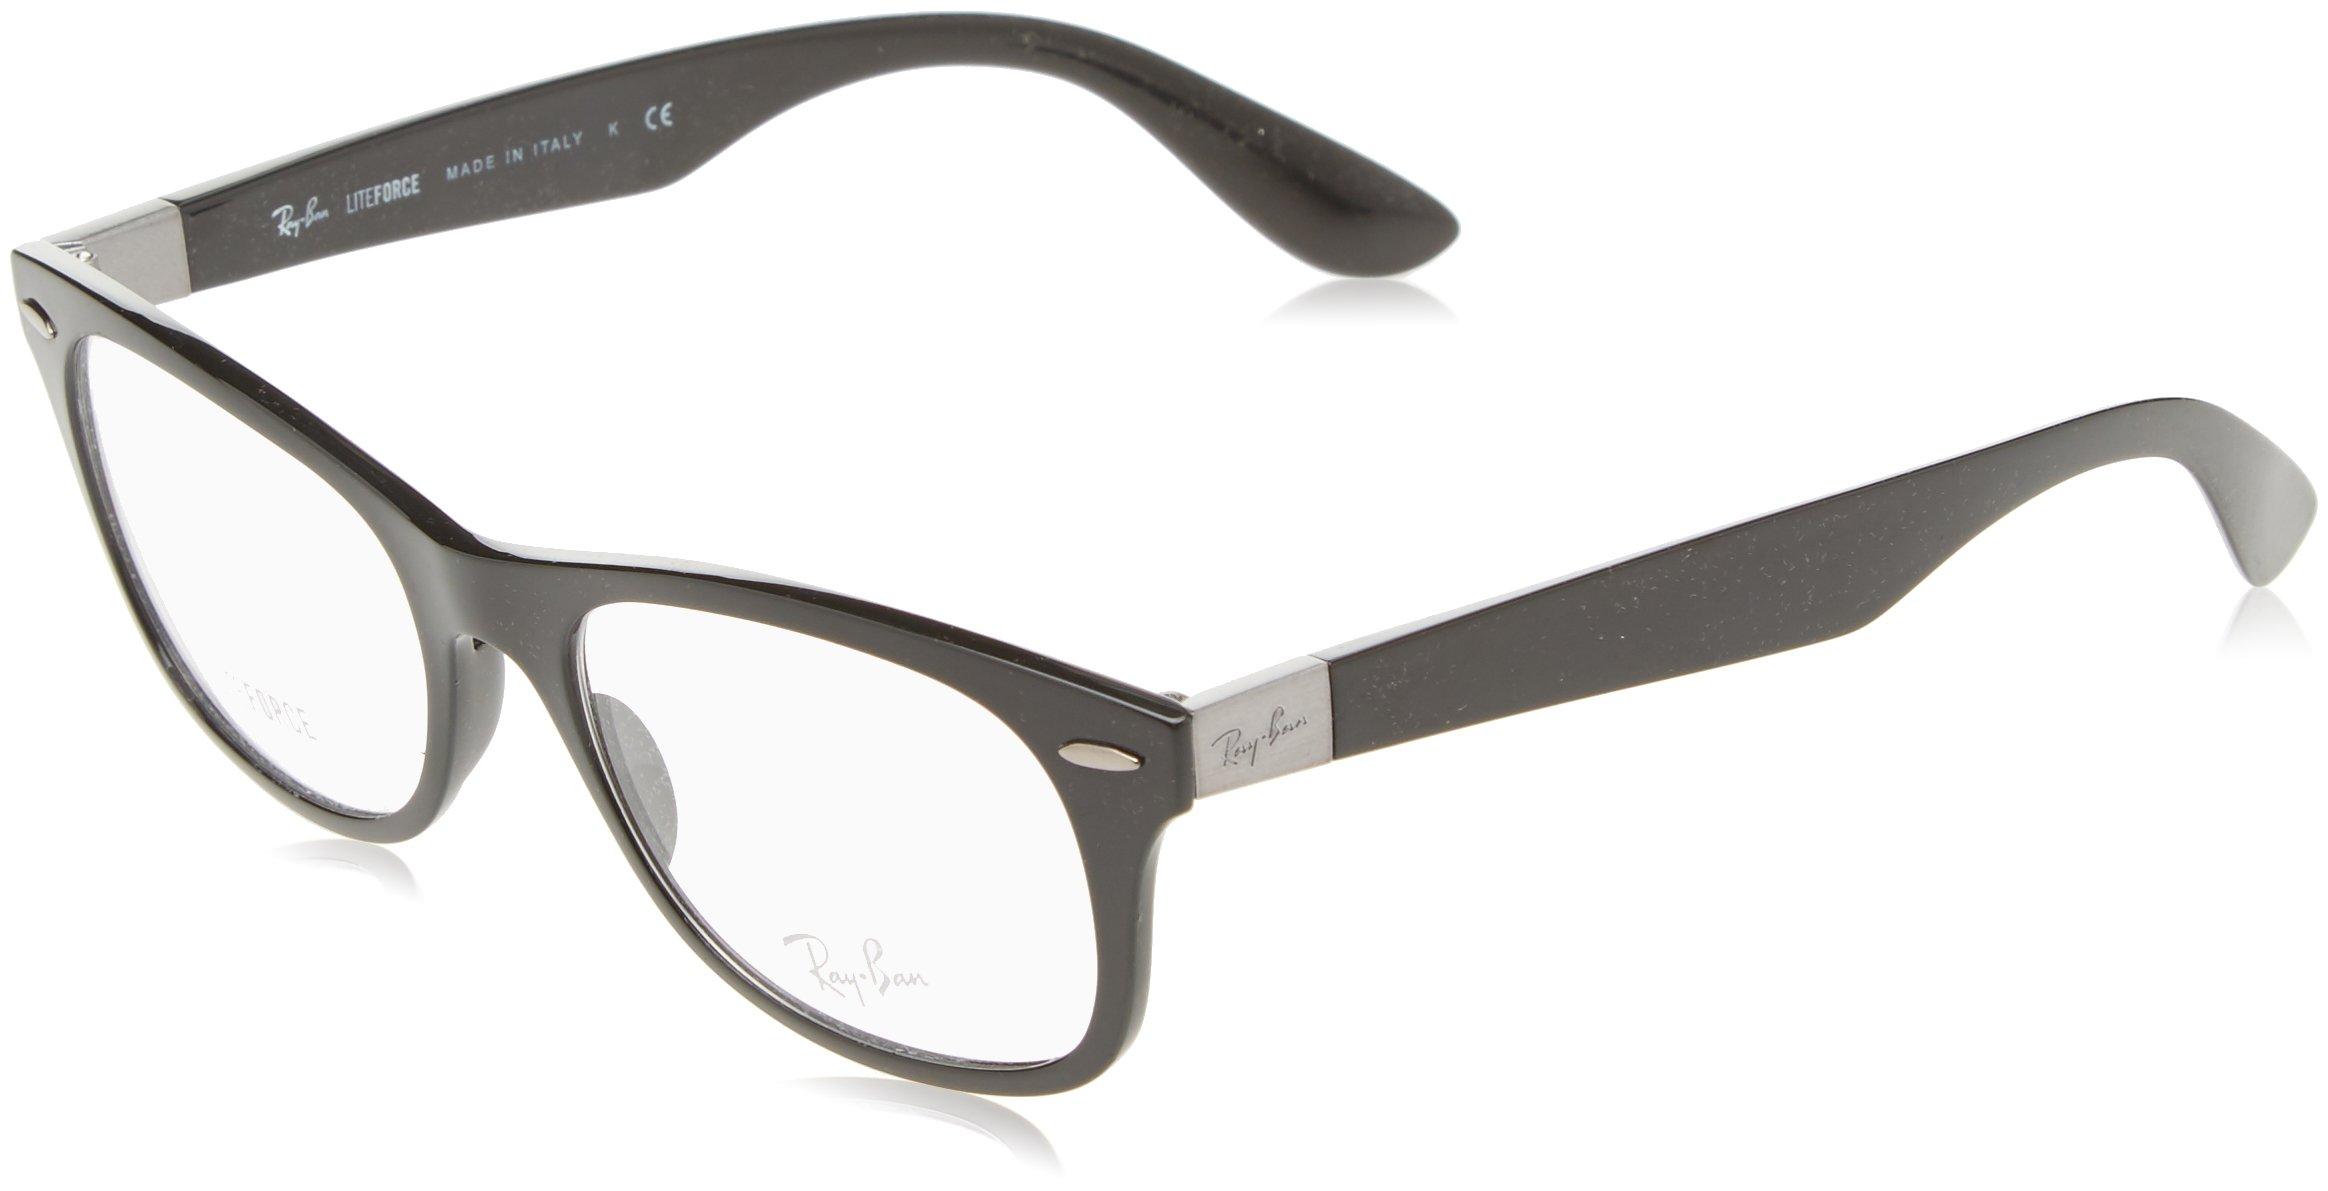 Ray-Ban Unisex RX7032 Eyeglasses Black 52mm